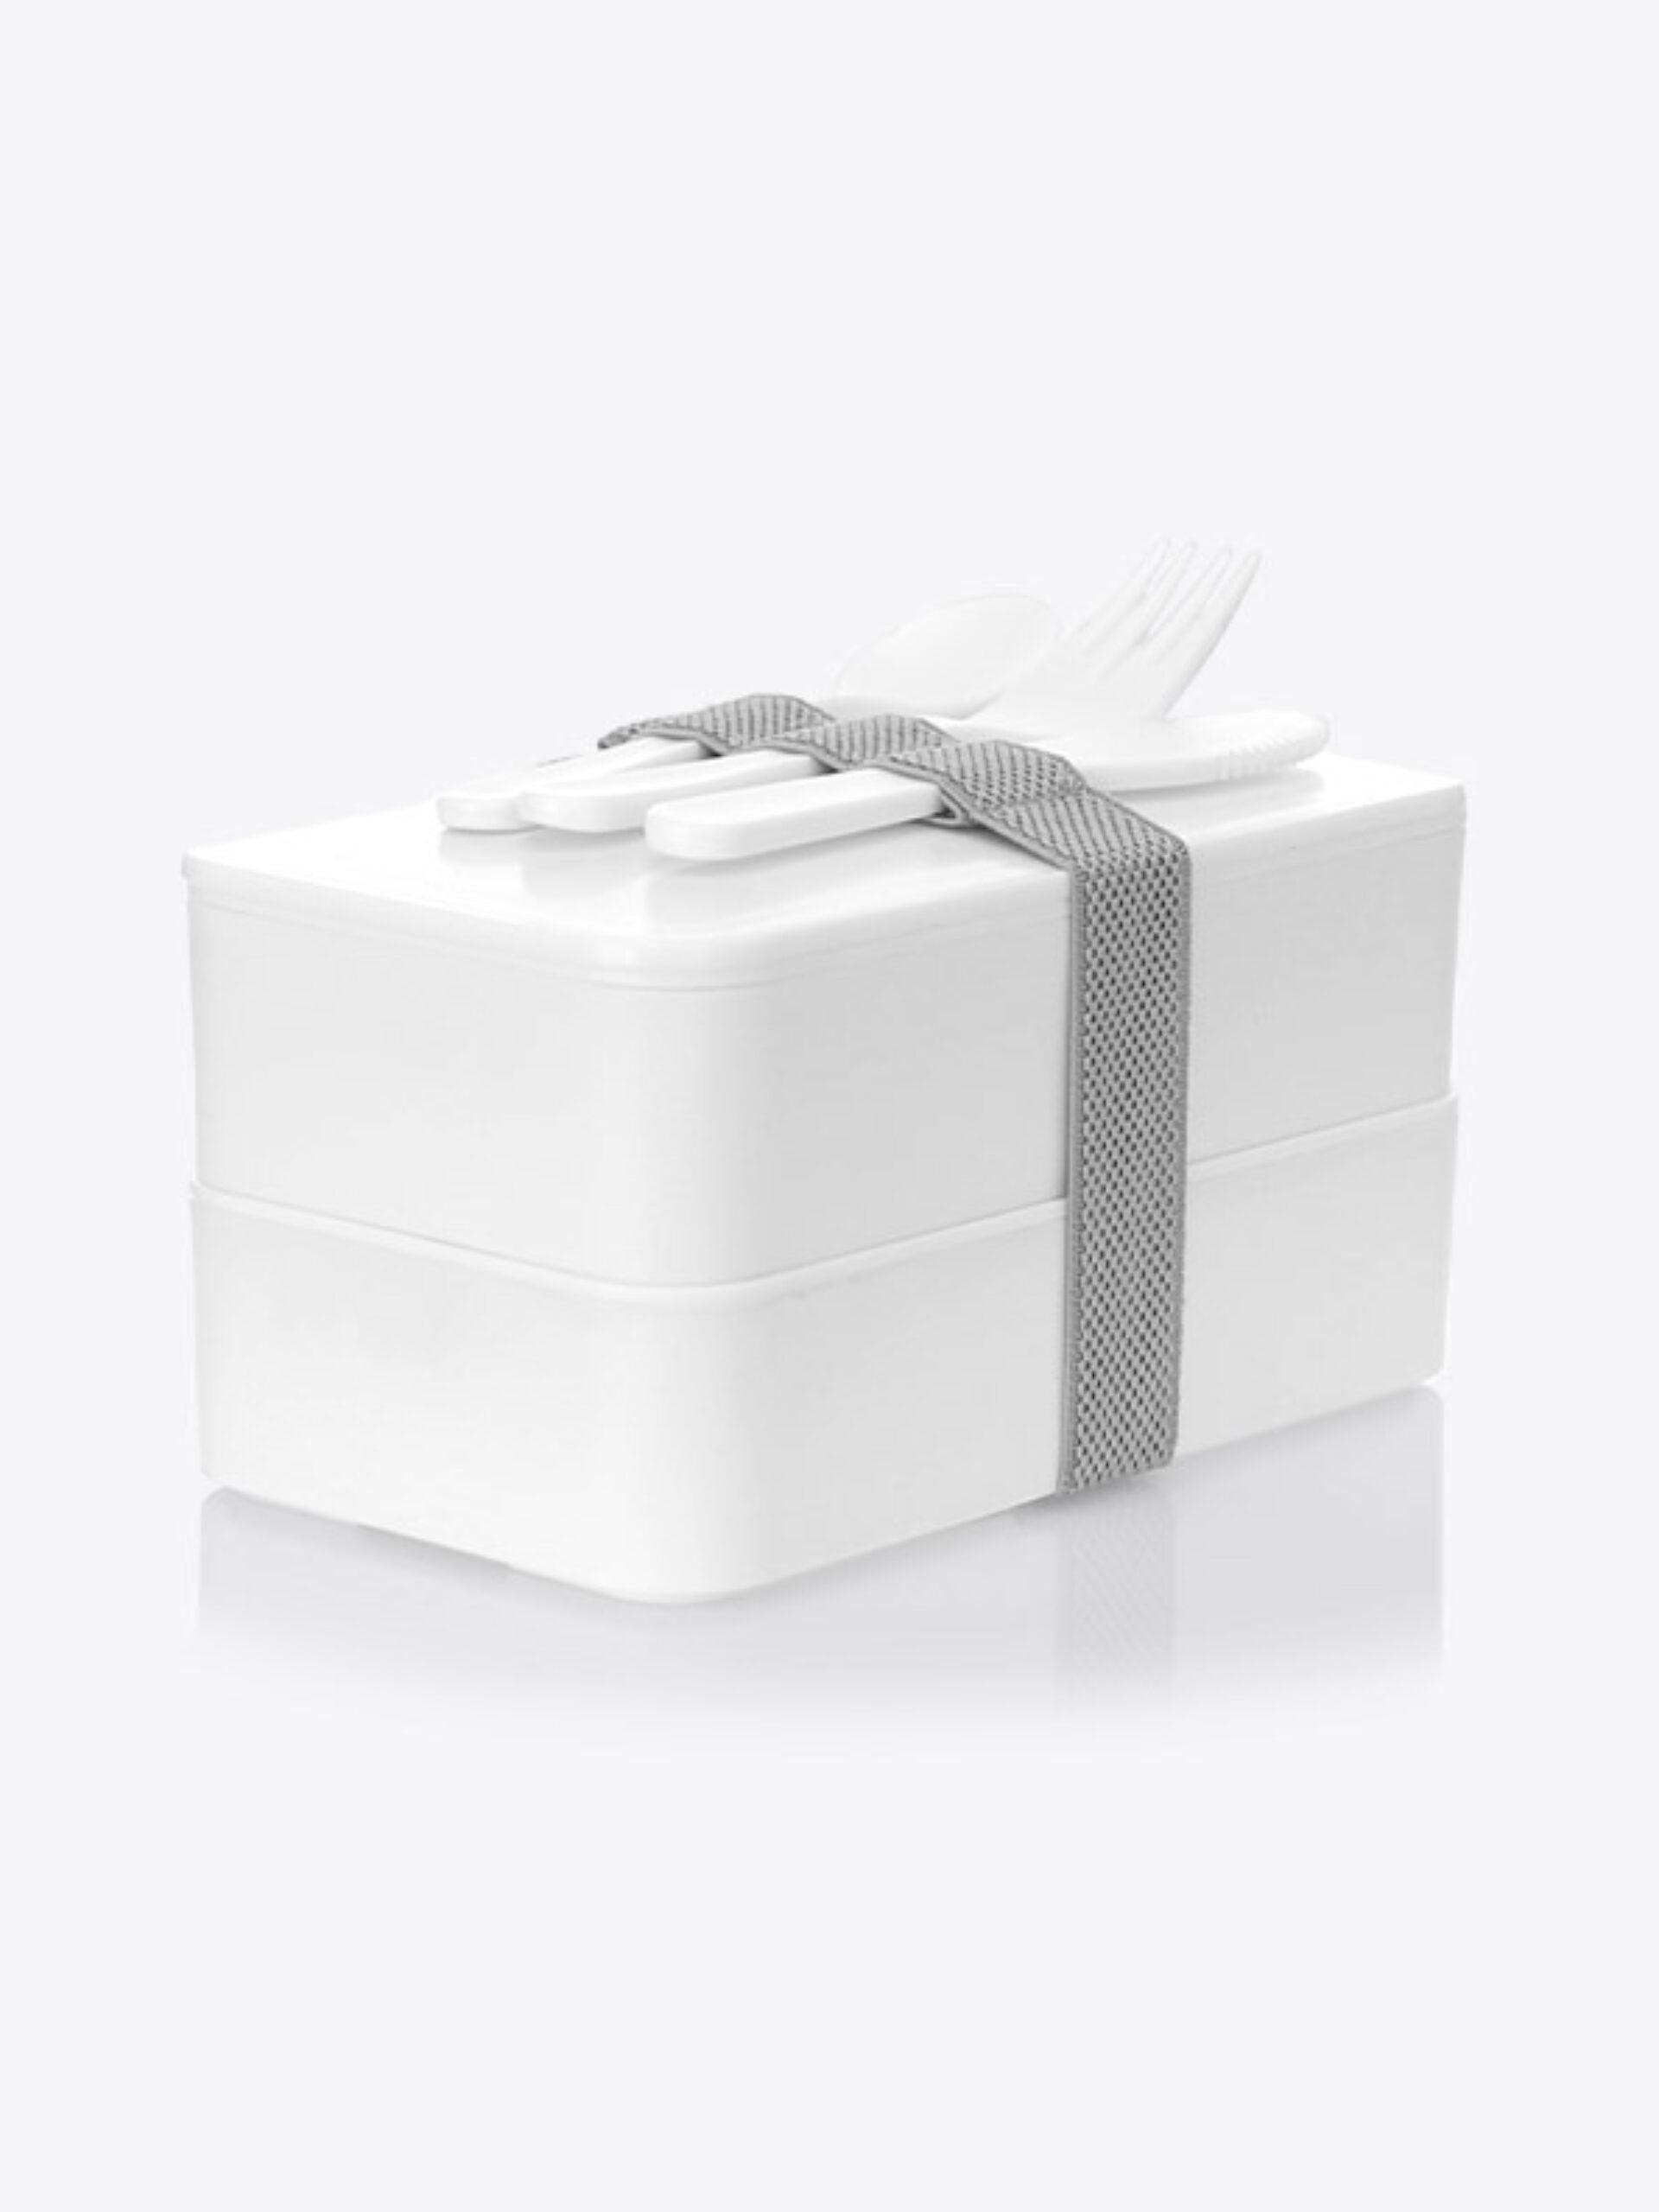 Lunchbox Antibakteriell Mit Logo Bedrucken